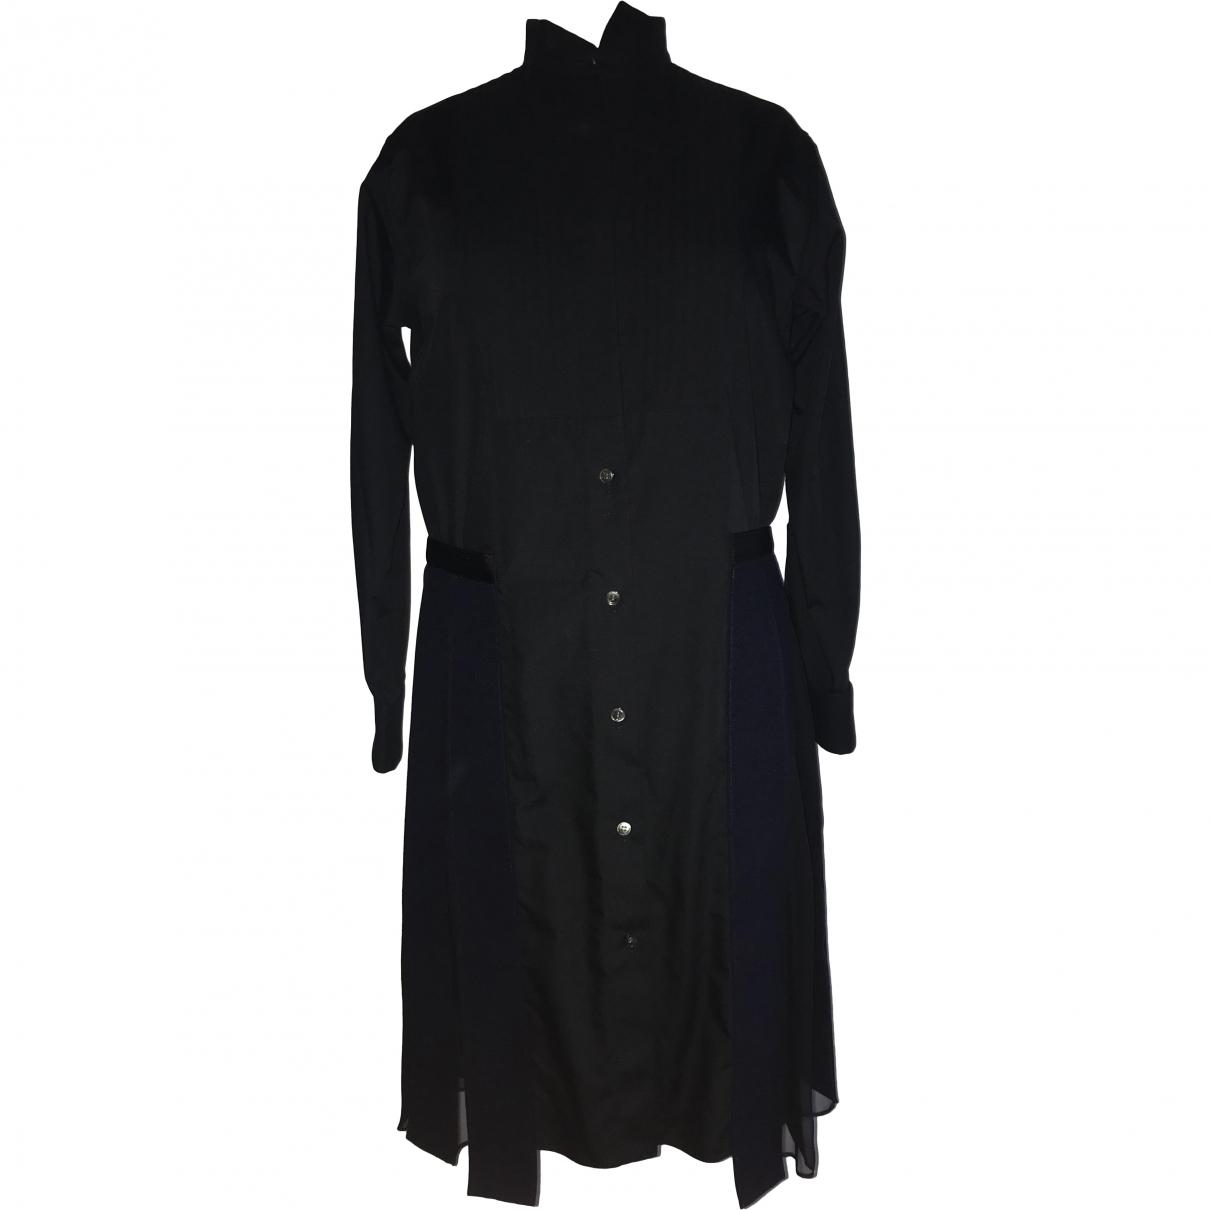 Sacai \N Black Cotton dress for Women 2 0-5